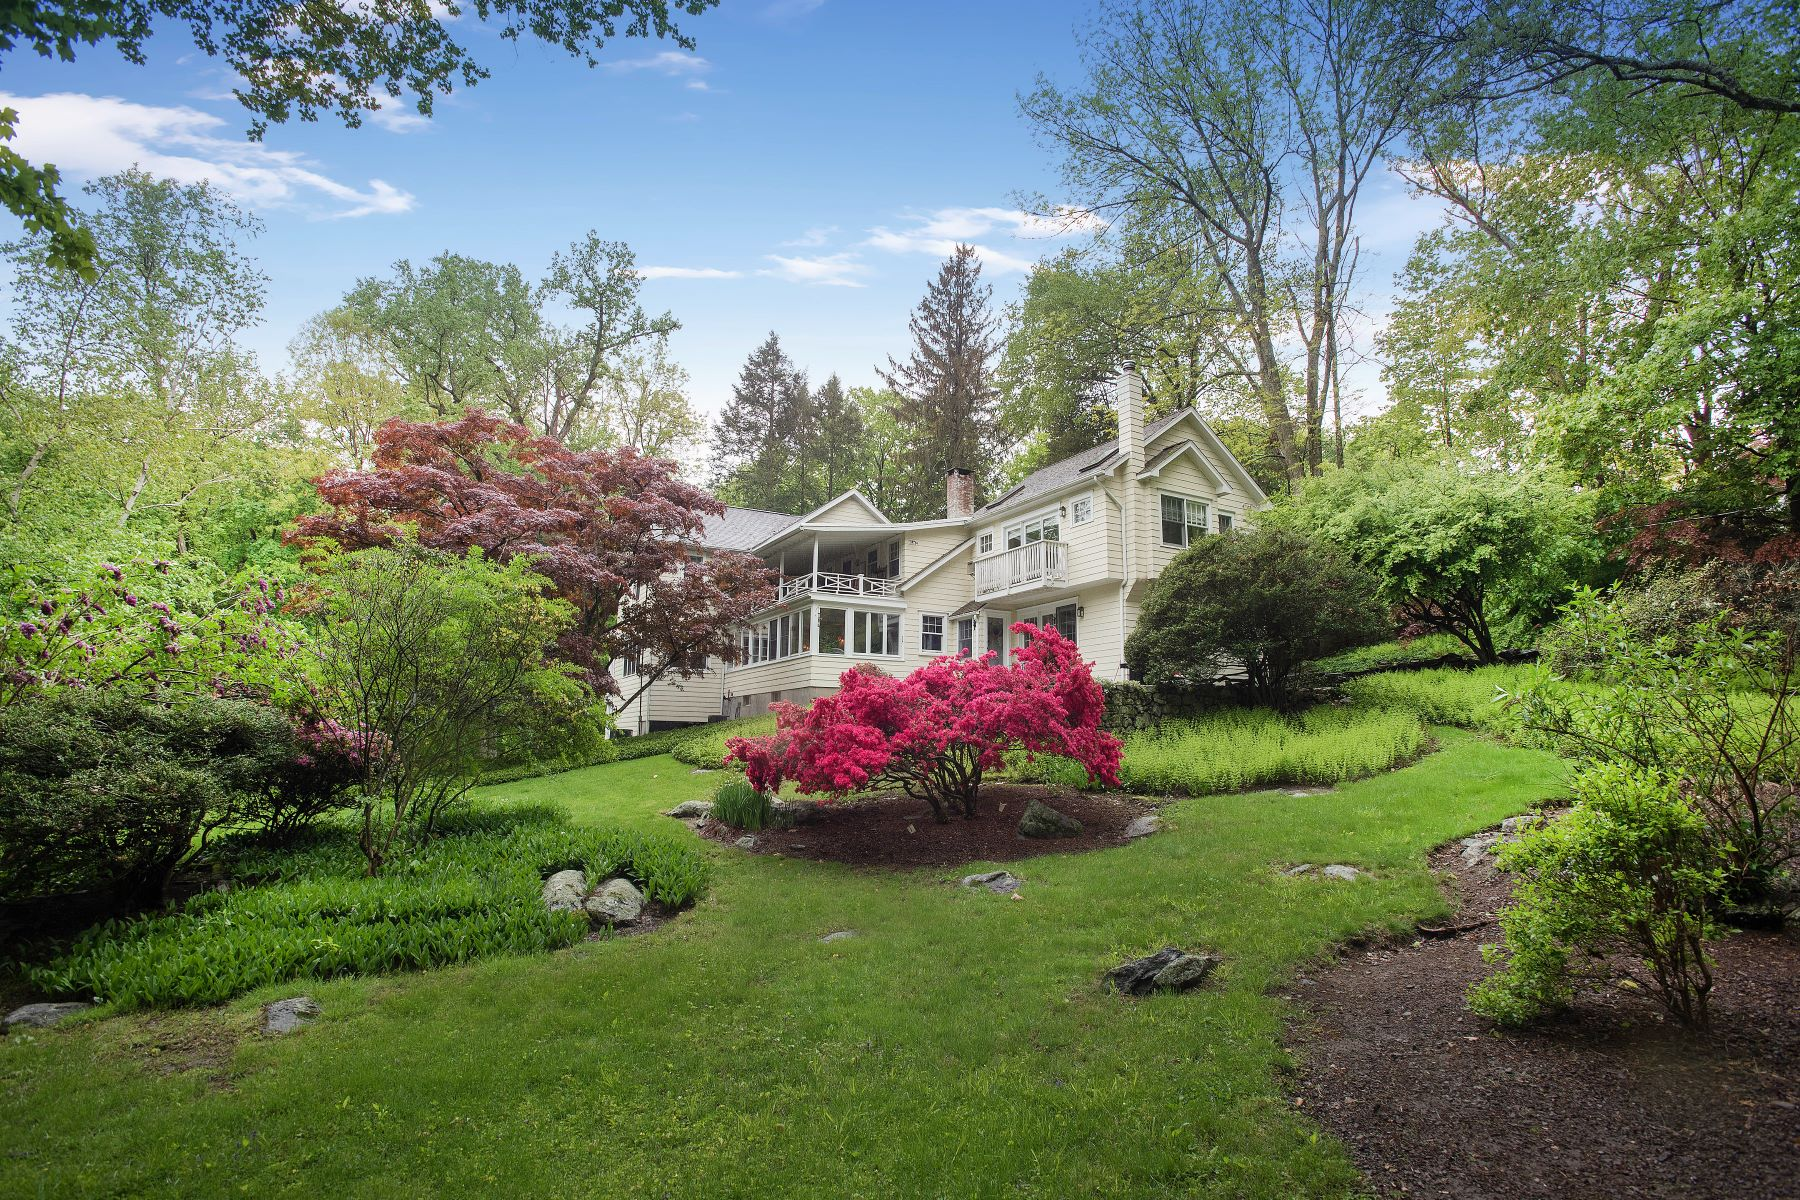 独户住宅 为 出租 在 1006 Silvermine Road 新迦南, 康涅狄格州, 06840 美国